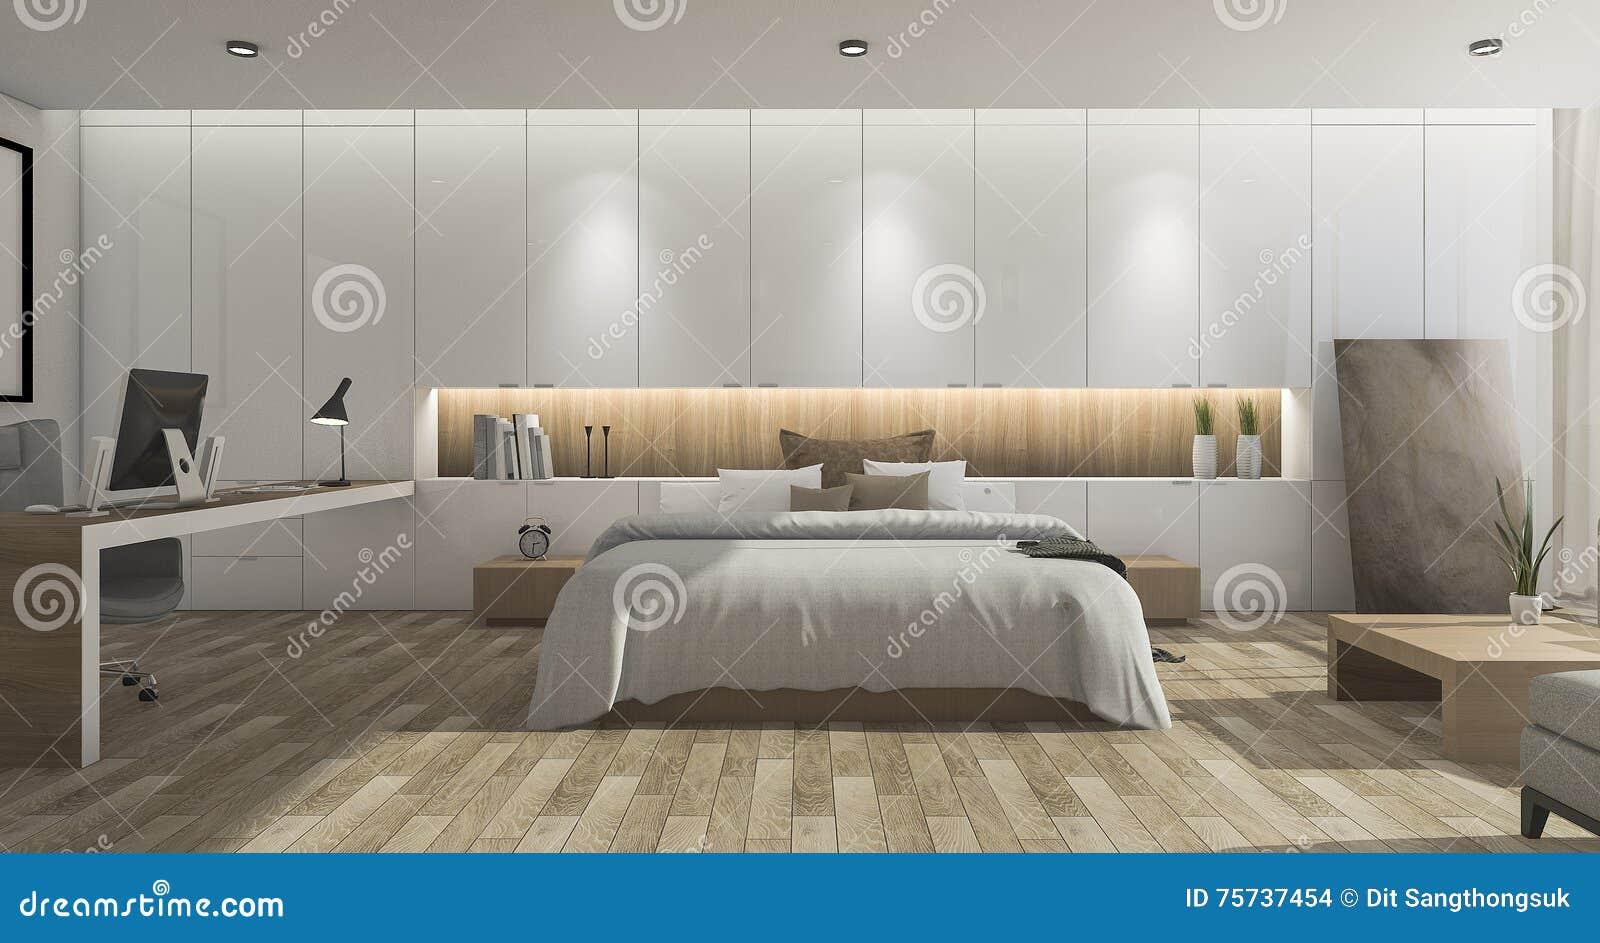 Holzfußboden Schlafzimmer ~ D das breites schönes schlafzimmer mit holzfußboden überträgt